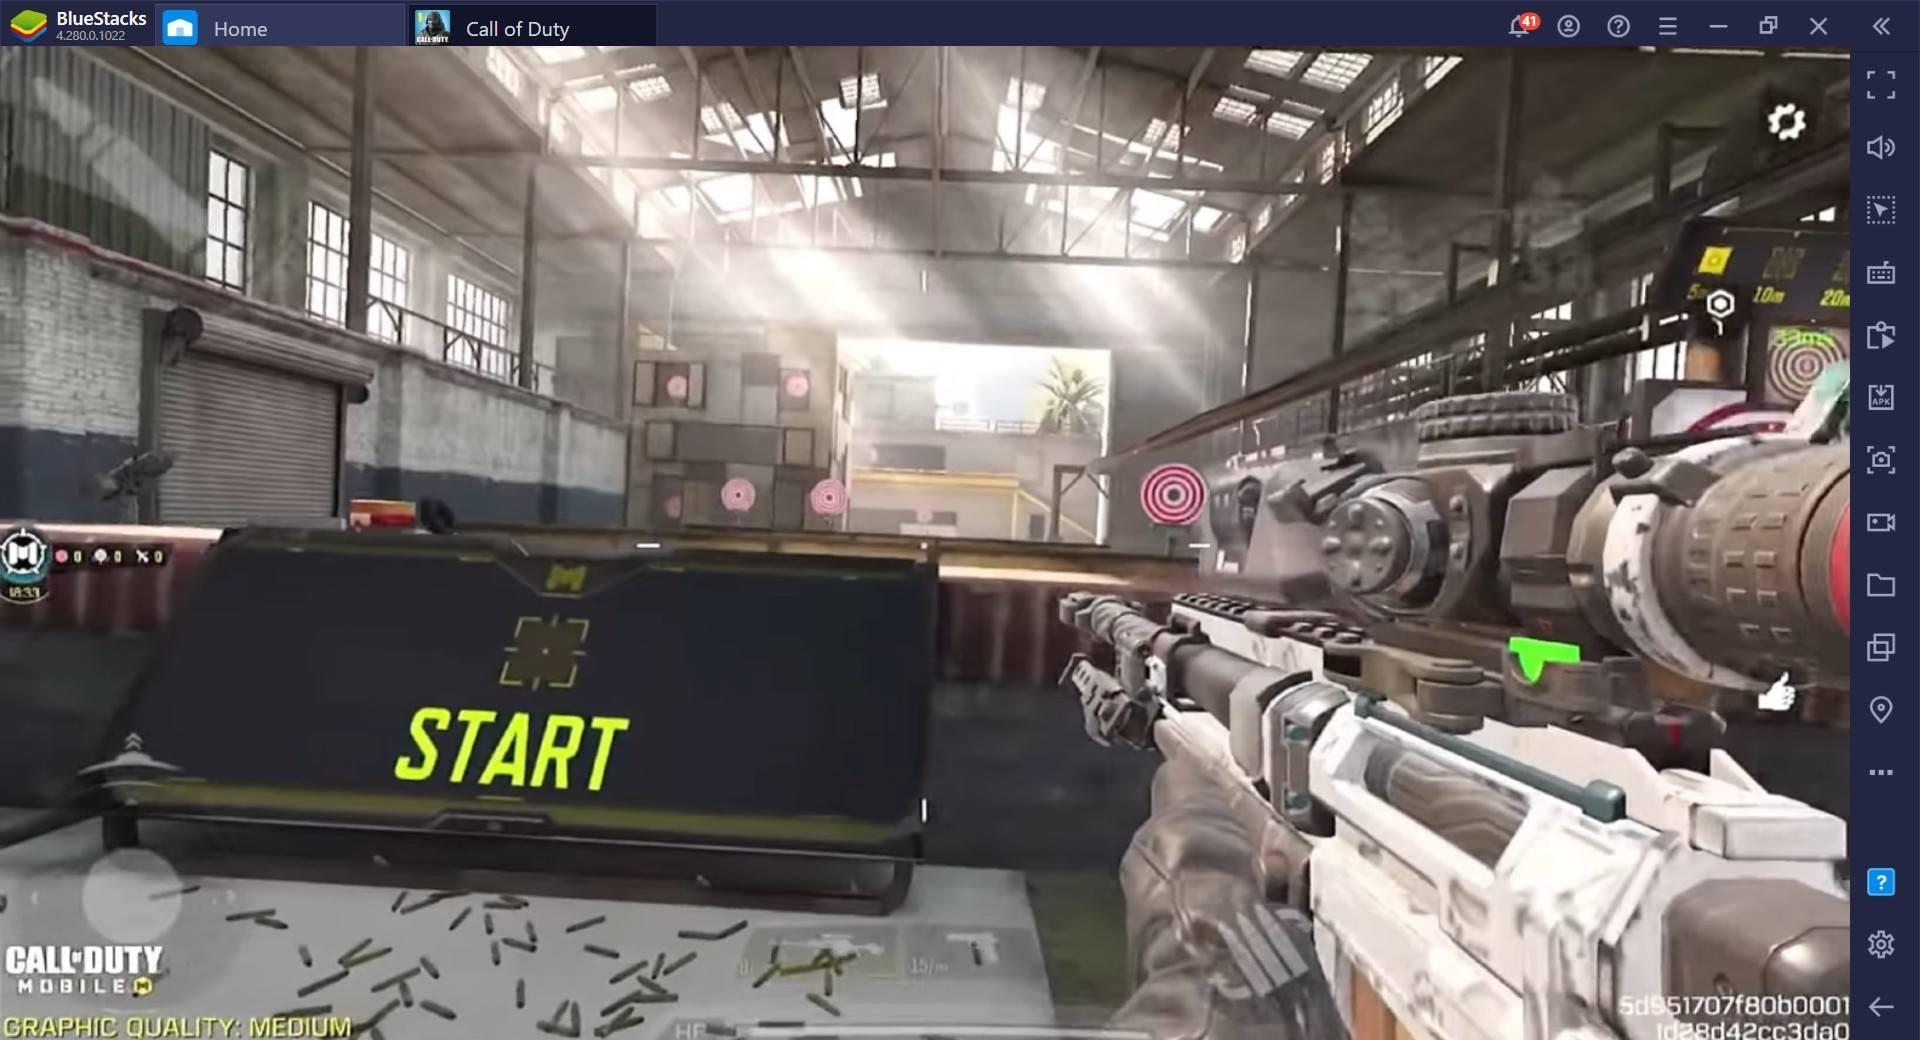 دليل Call of Duty Mobile  للقنص لمستخدمي قناصة DL-Q33، تراتيبة القنص